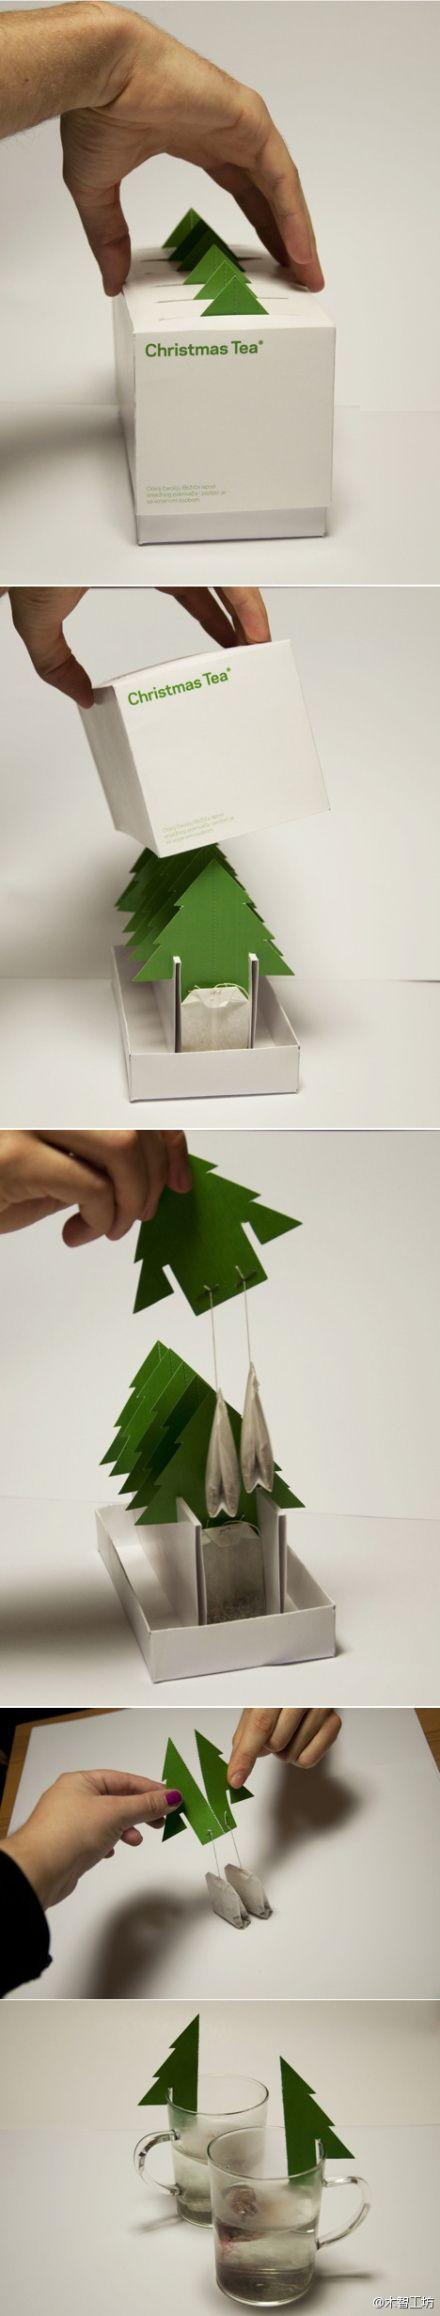 Christmas tea in Packaging